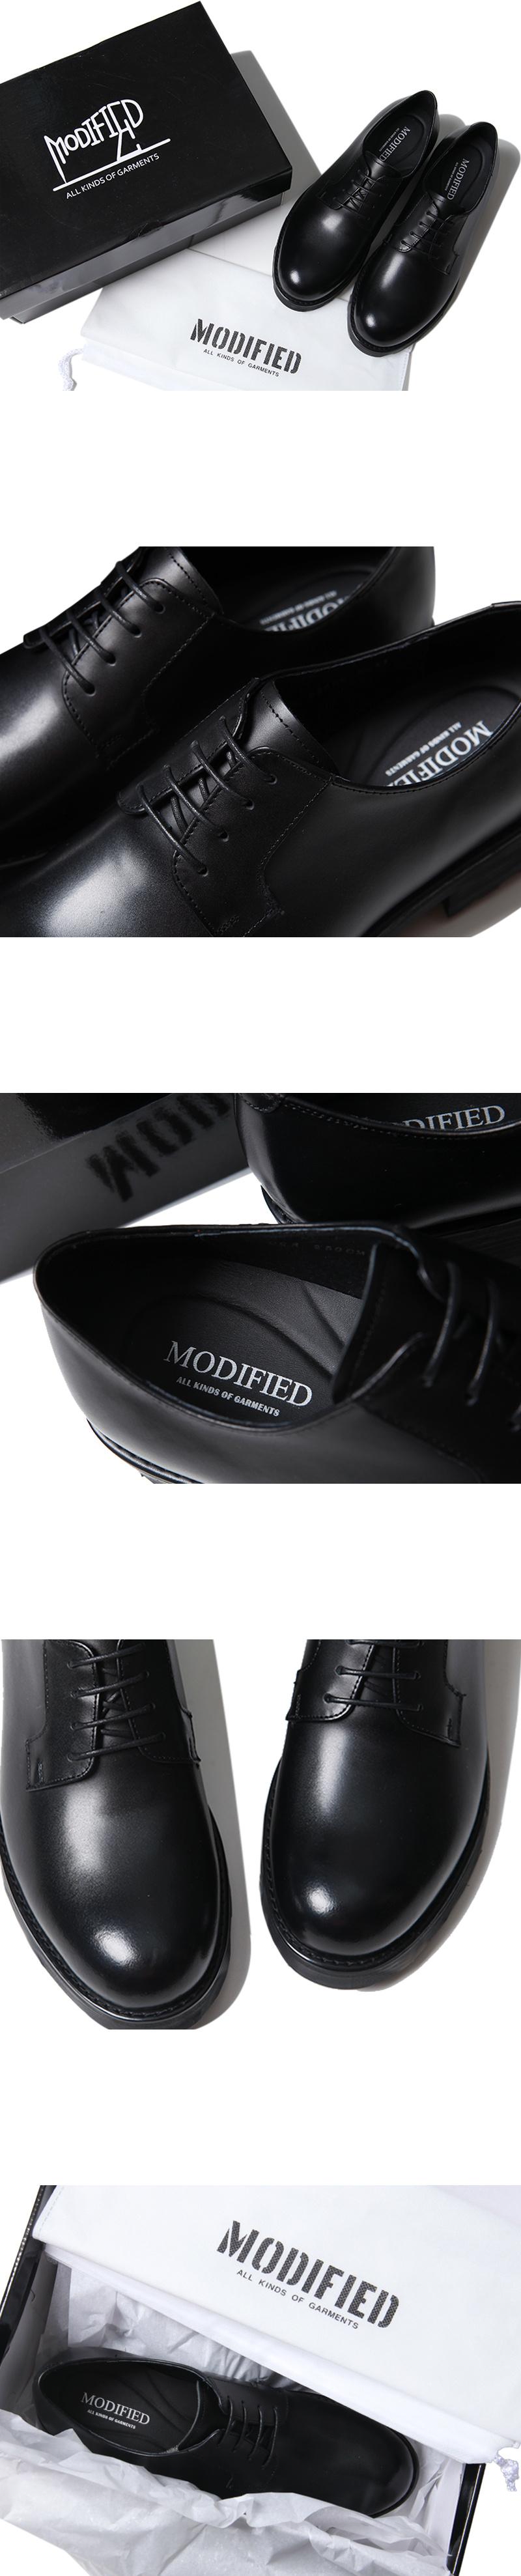 모디파이드(MODIFIED) M#1672 cowhide black derby shoes (1cm 키높이)